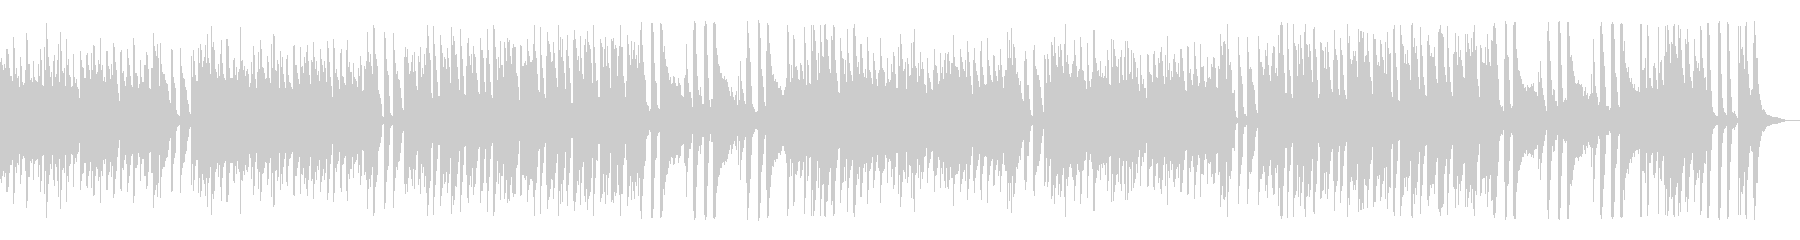 爽やか可愛いクッキングBGMジャズの未再生の波形